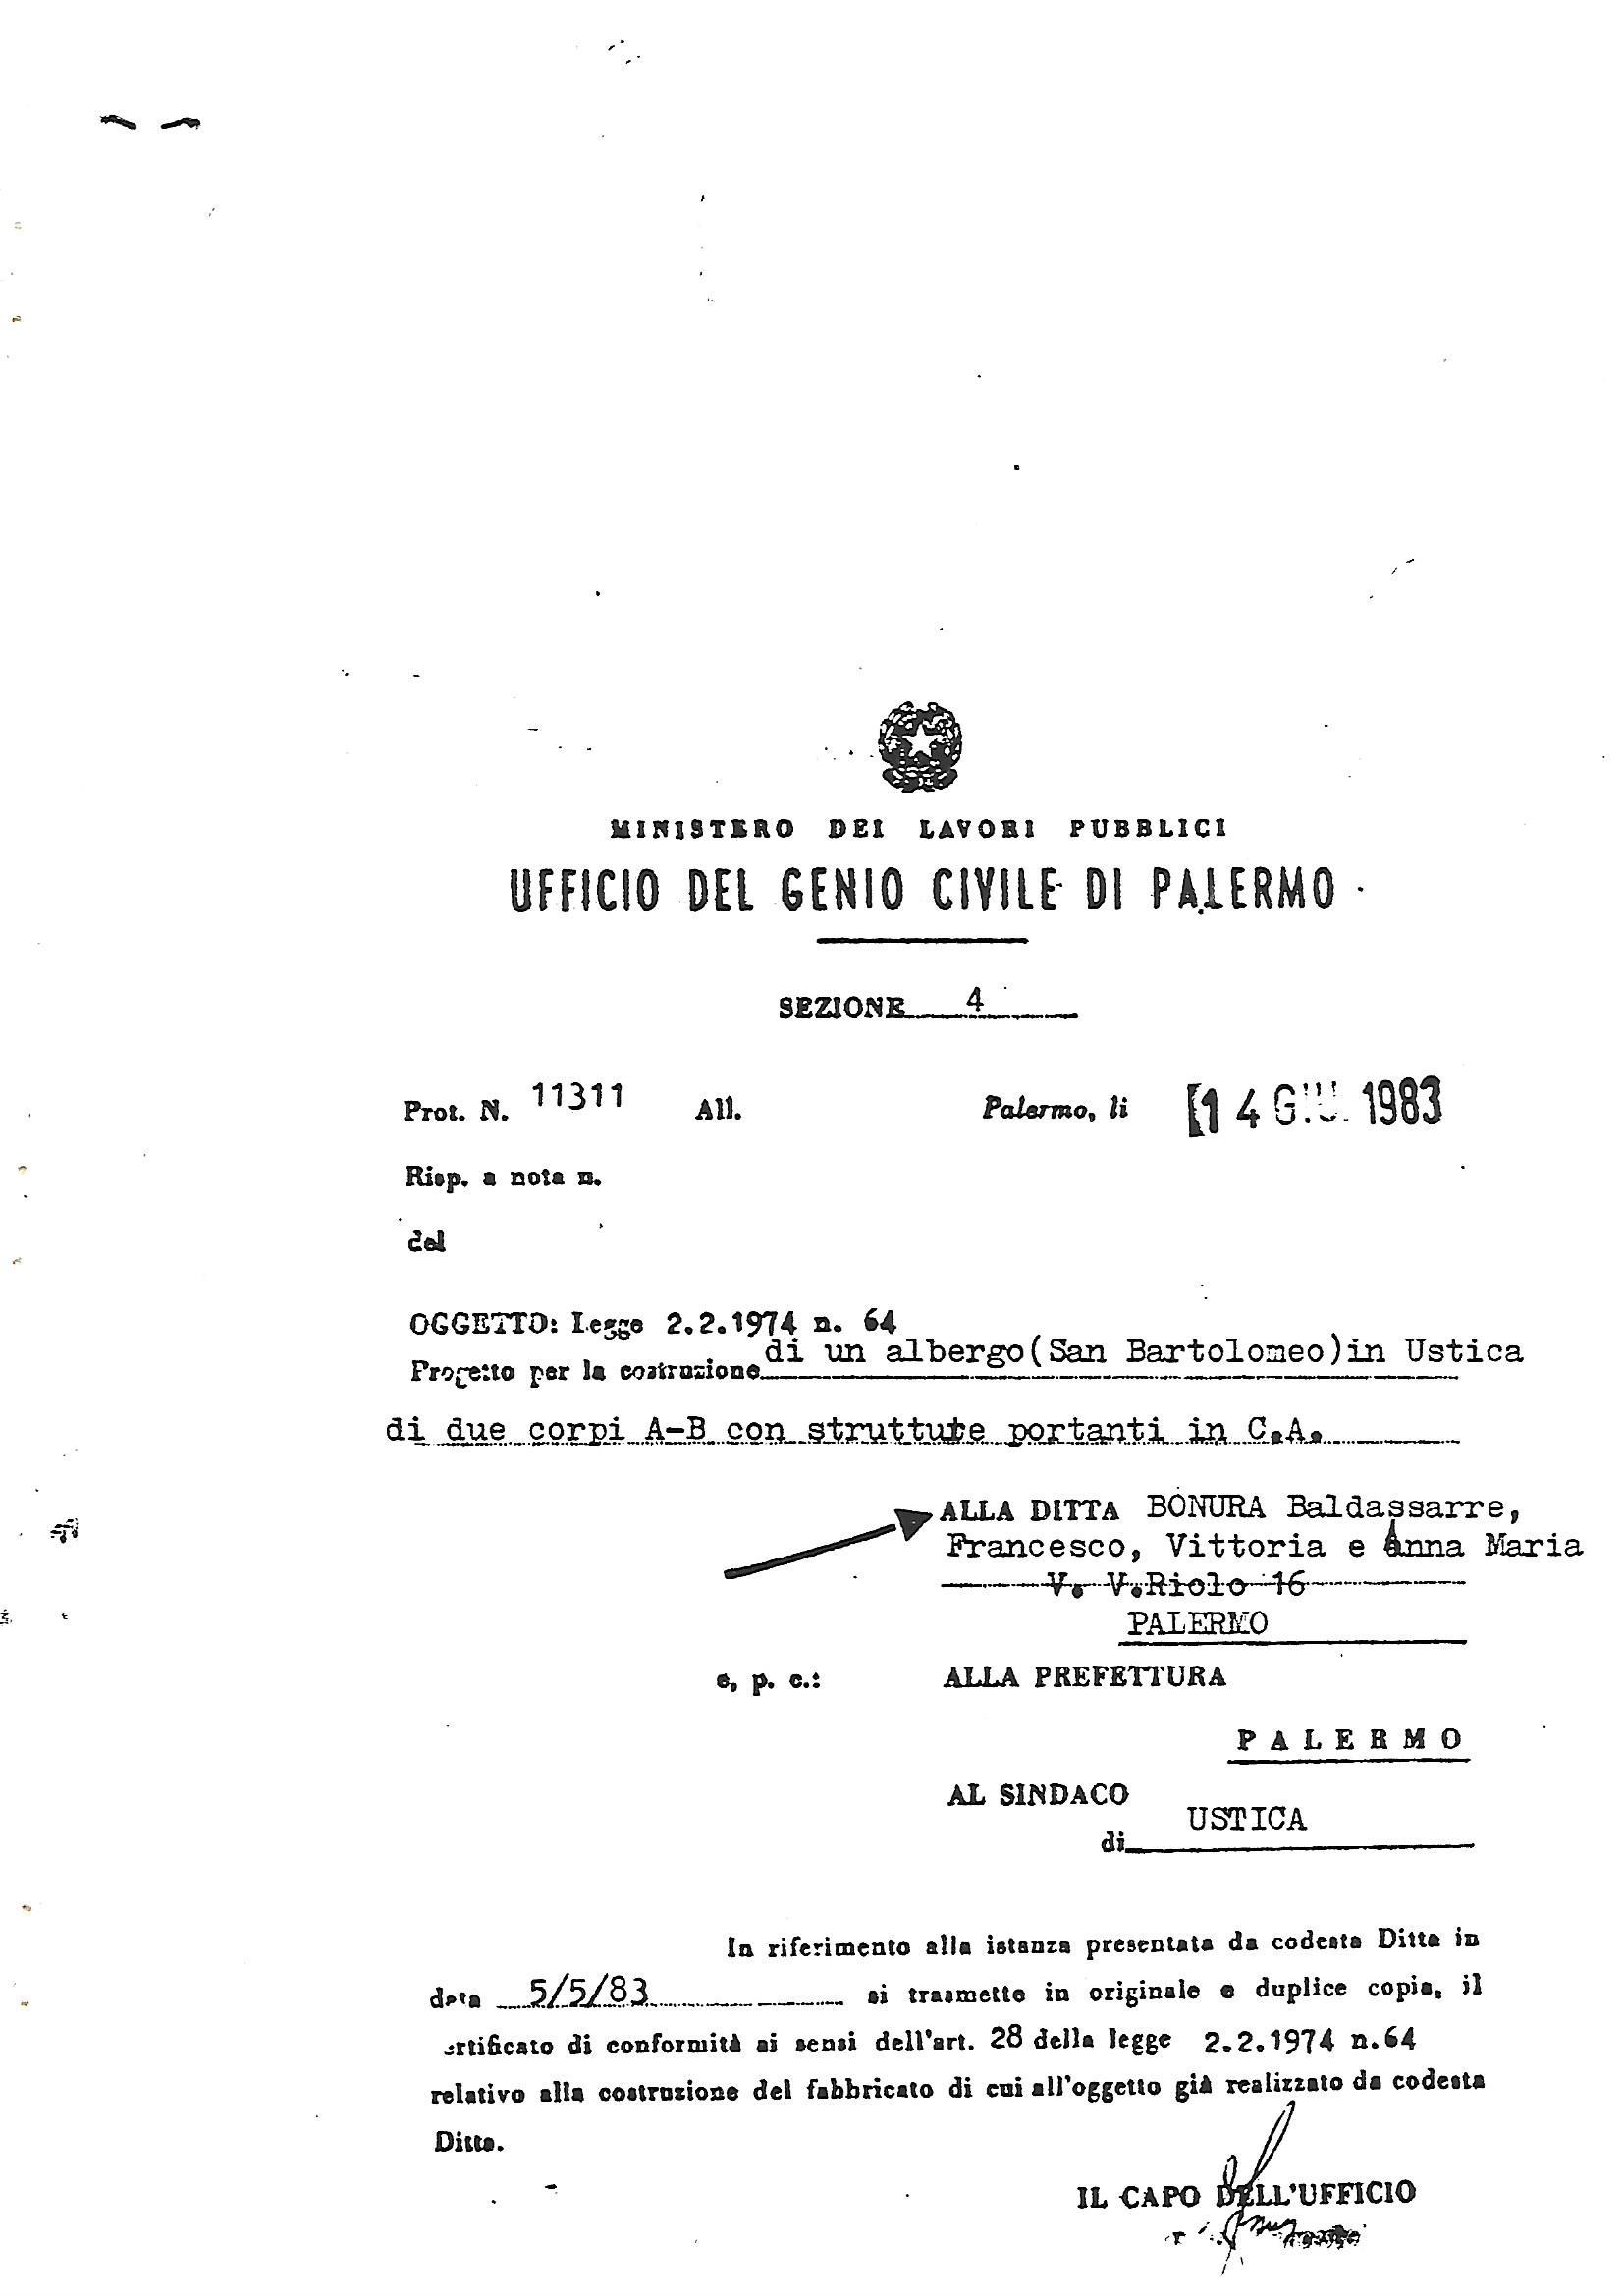 Certificato di conformità Genio-Civile-1983-trasmesso al Sindaco del Comune di Ustica e alla Prefettura di Palermo